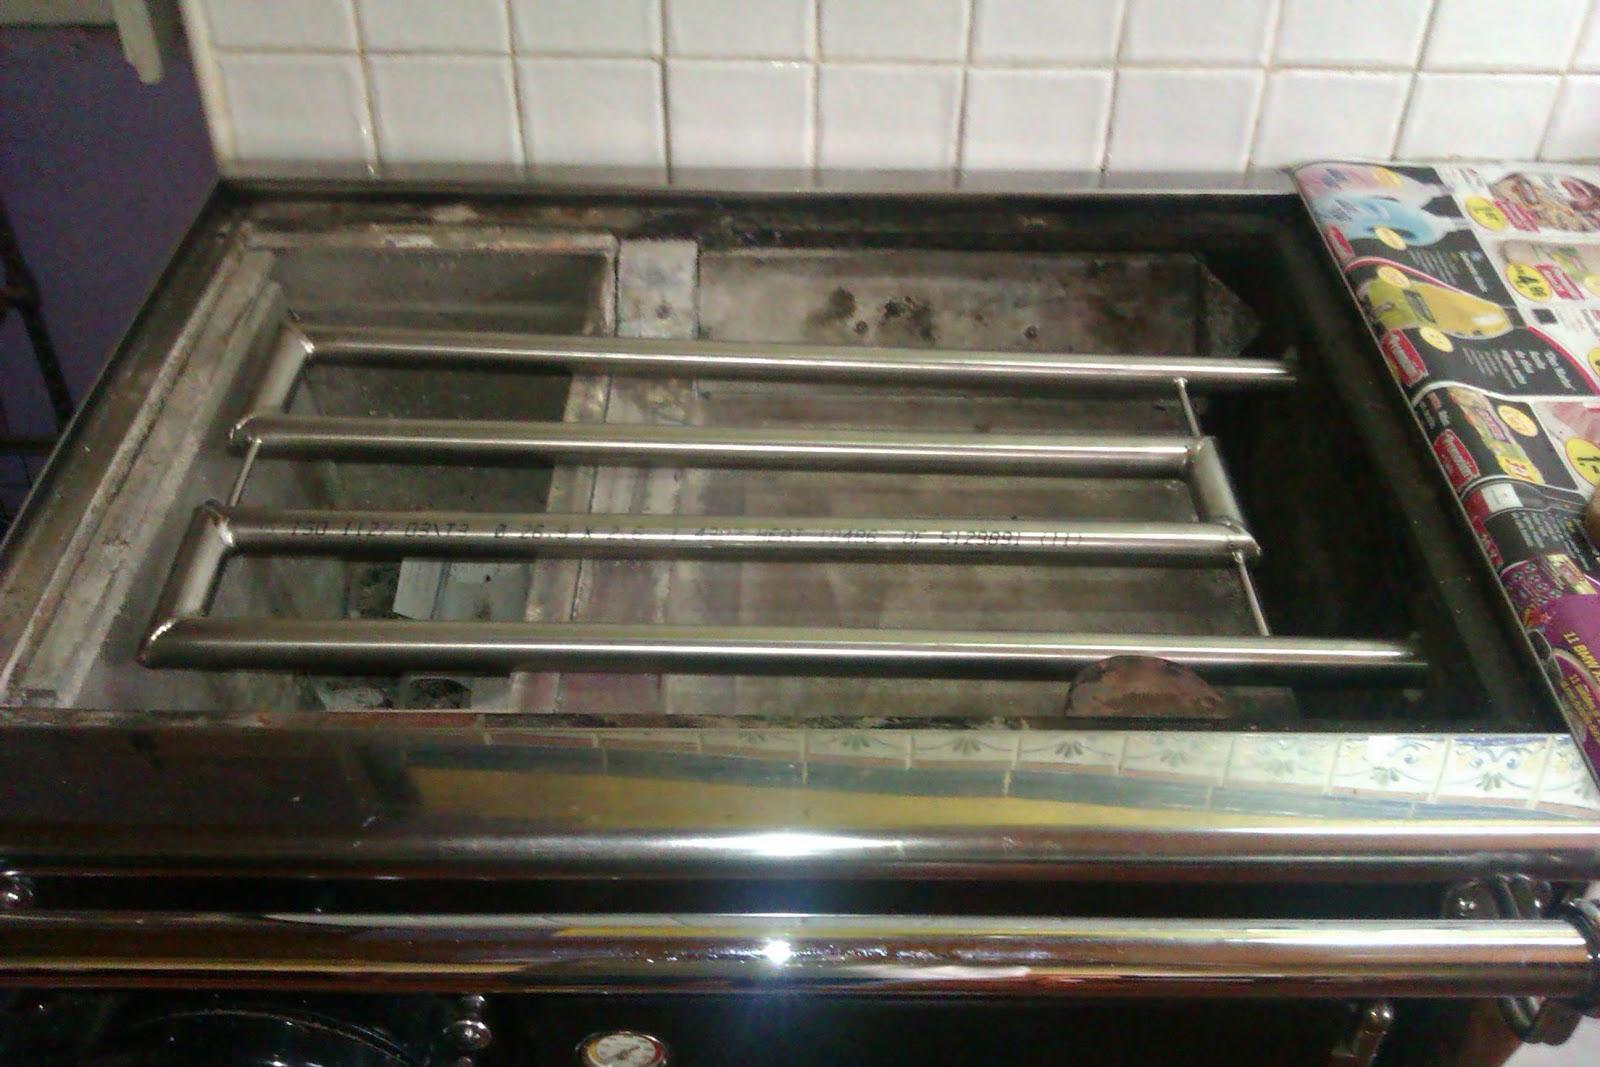 Amoxetar ahorro calefacci n con cocina de le a - Estufas de lena para calefaccion con radiadores ...